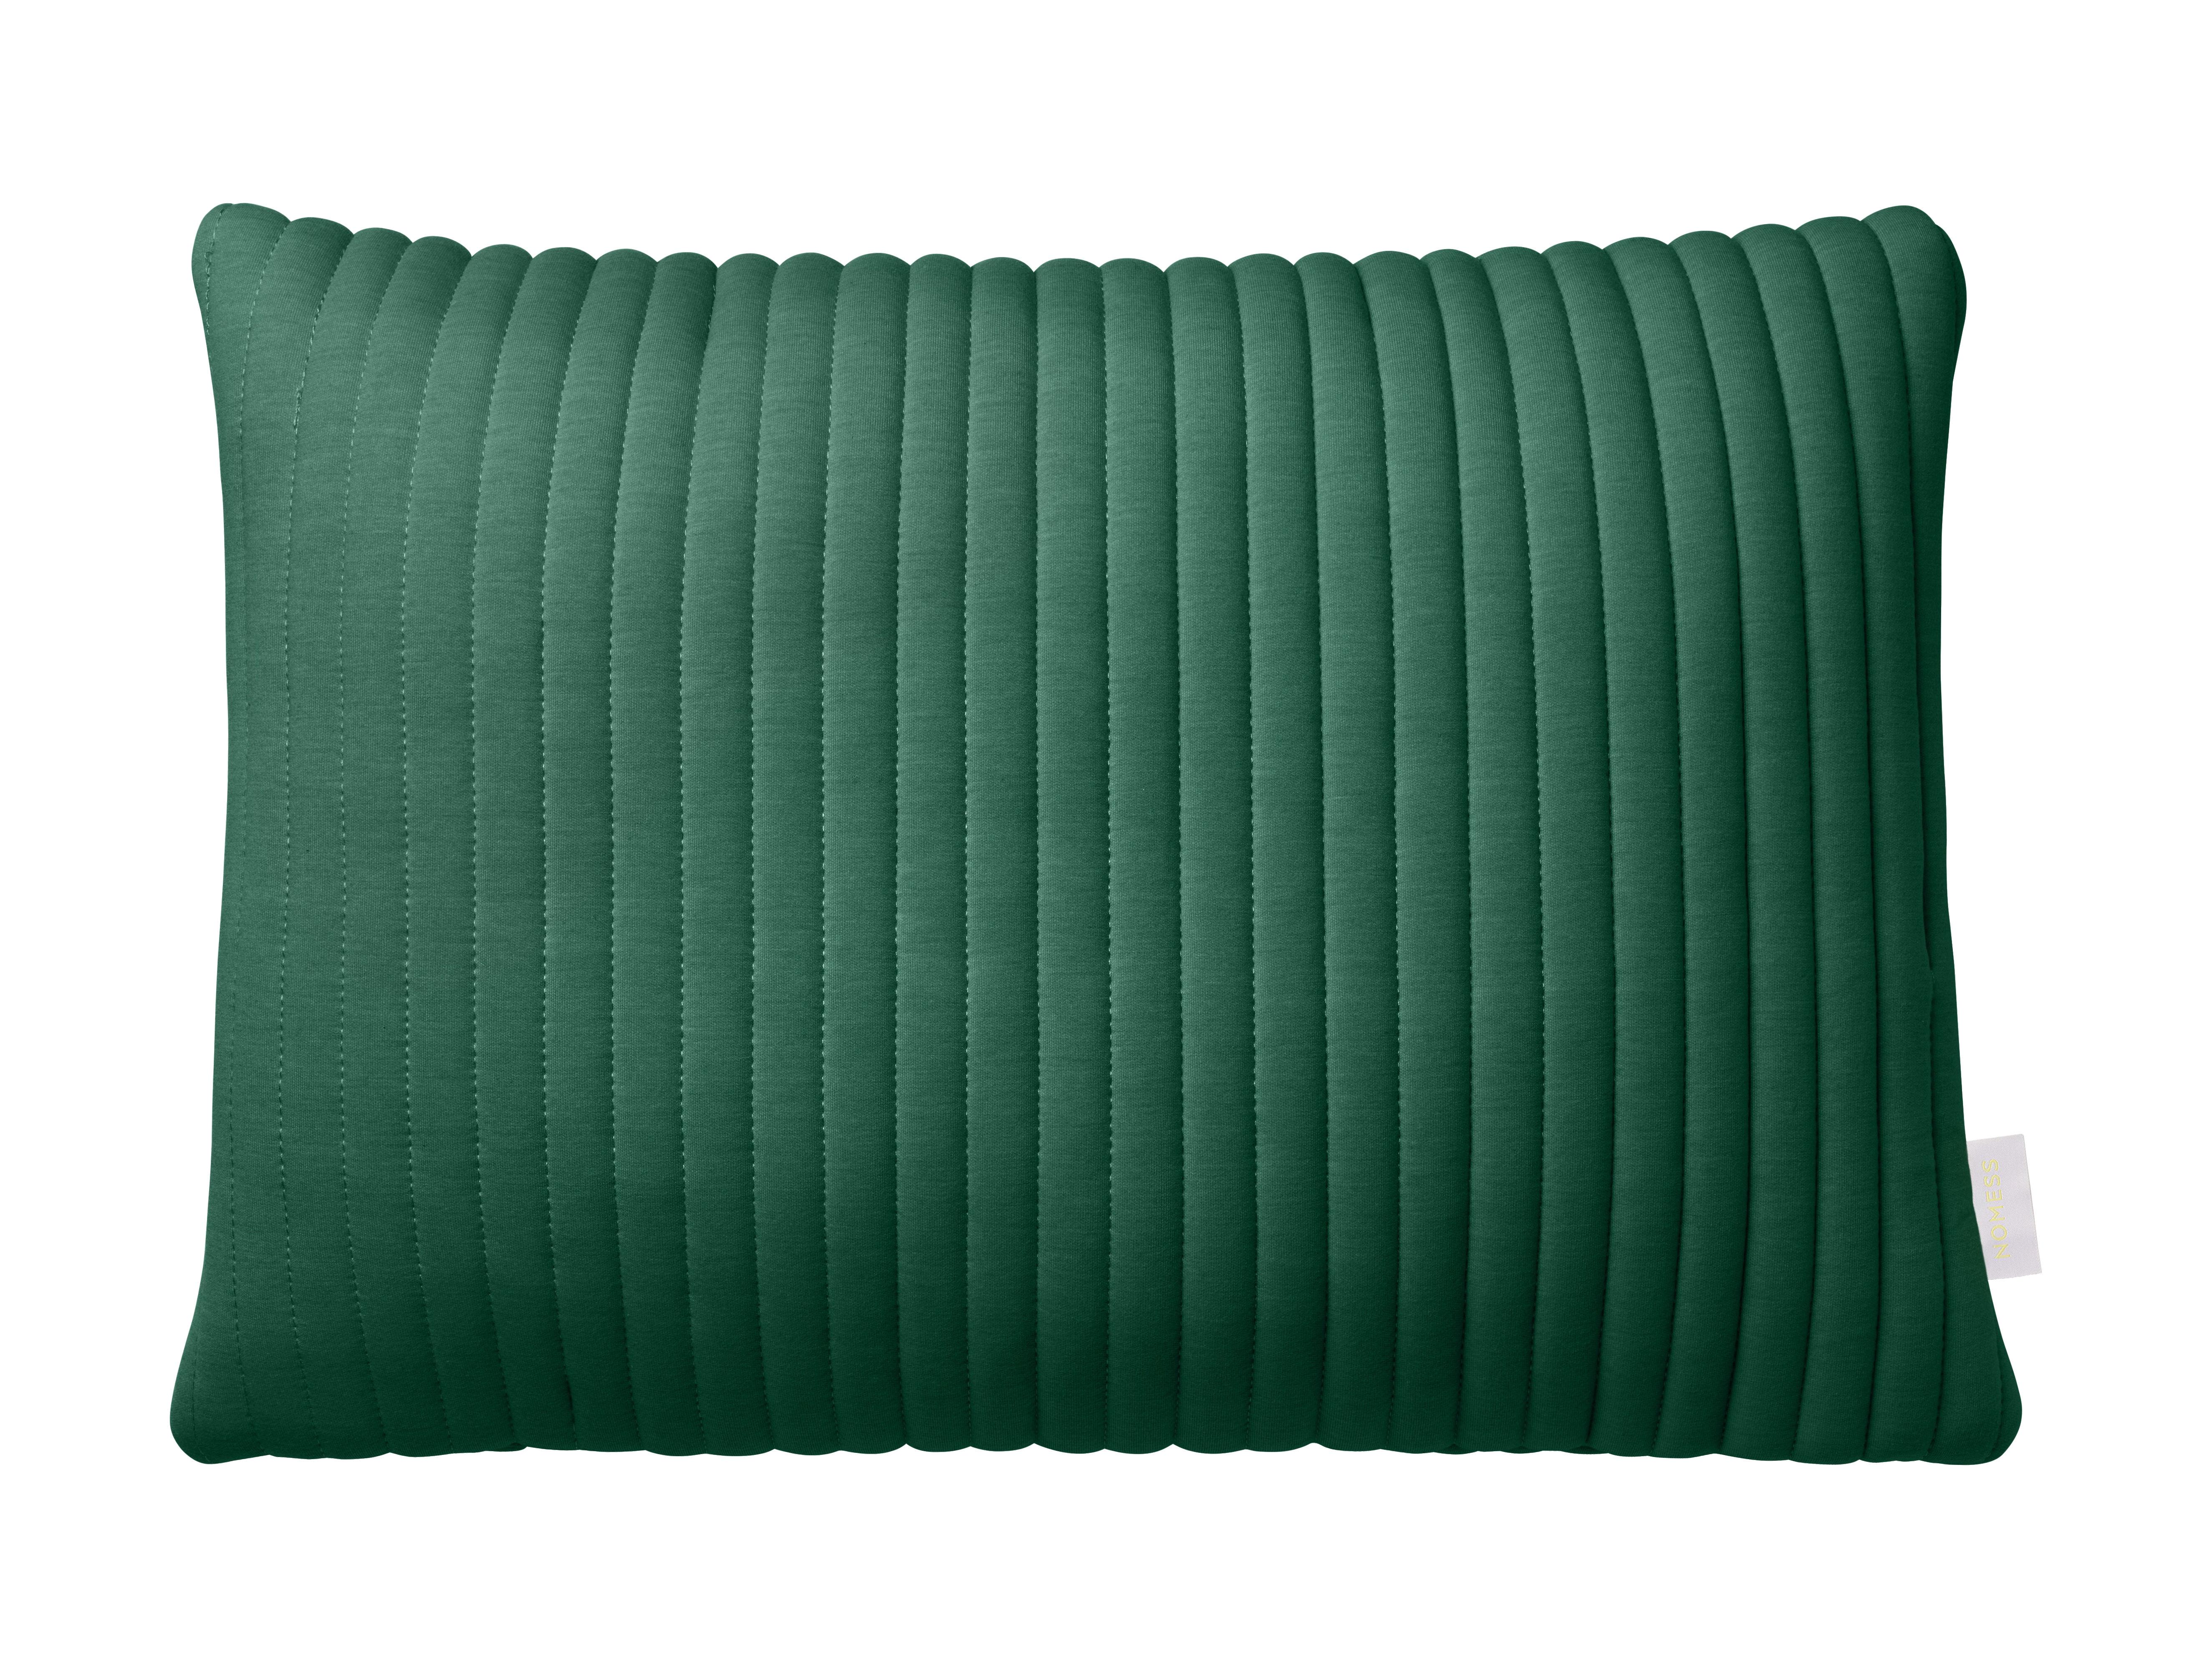 Déco - Coussins - Coussin Linear Memory / 55 x 40 cm - Mémoire de forme & tissu 3D - Nomess - Vert - Mousse à mémoire de forme, Tissu 3D